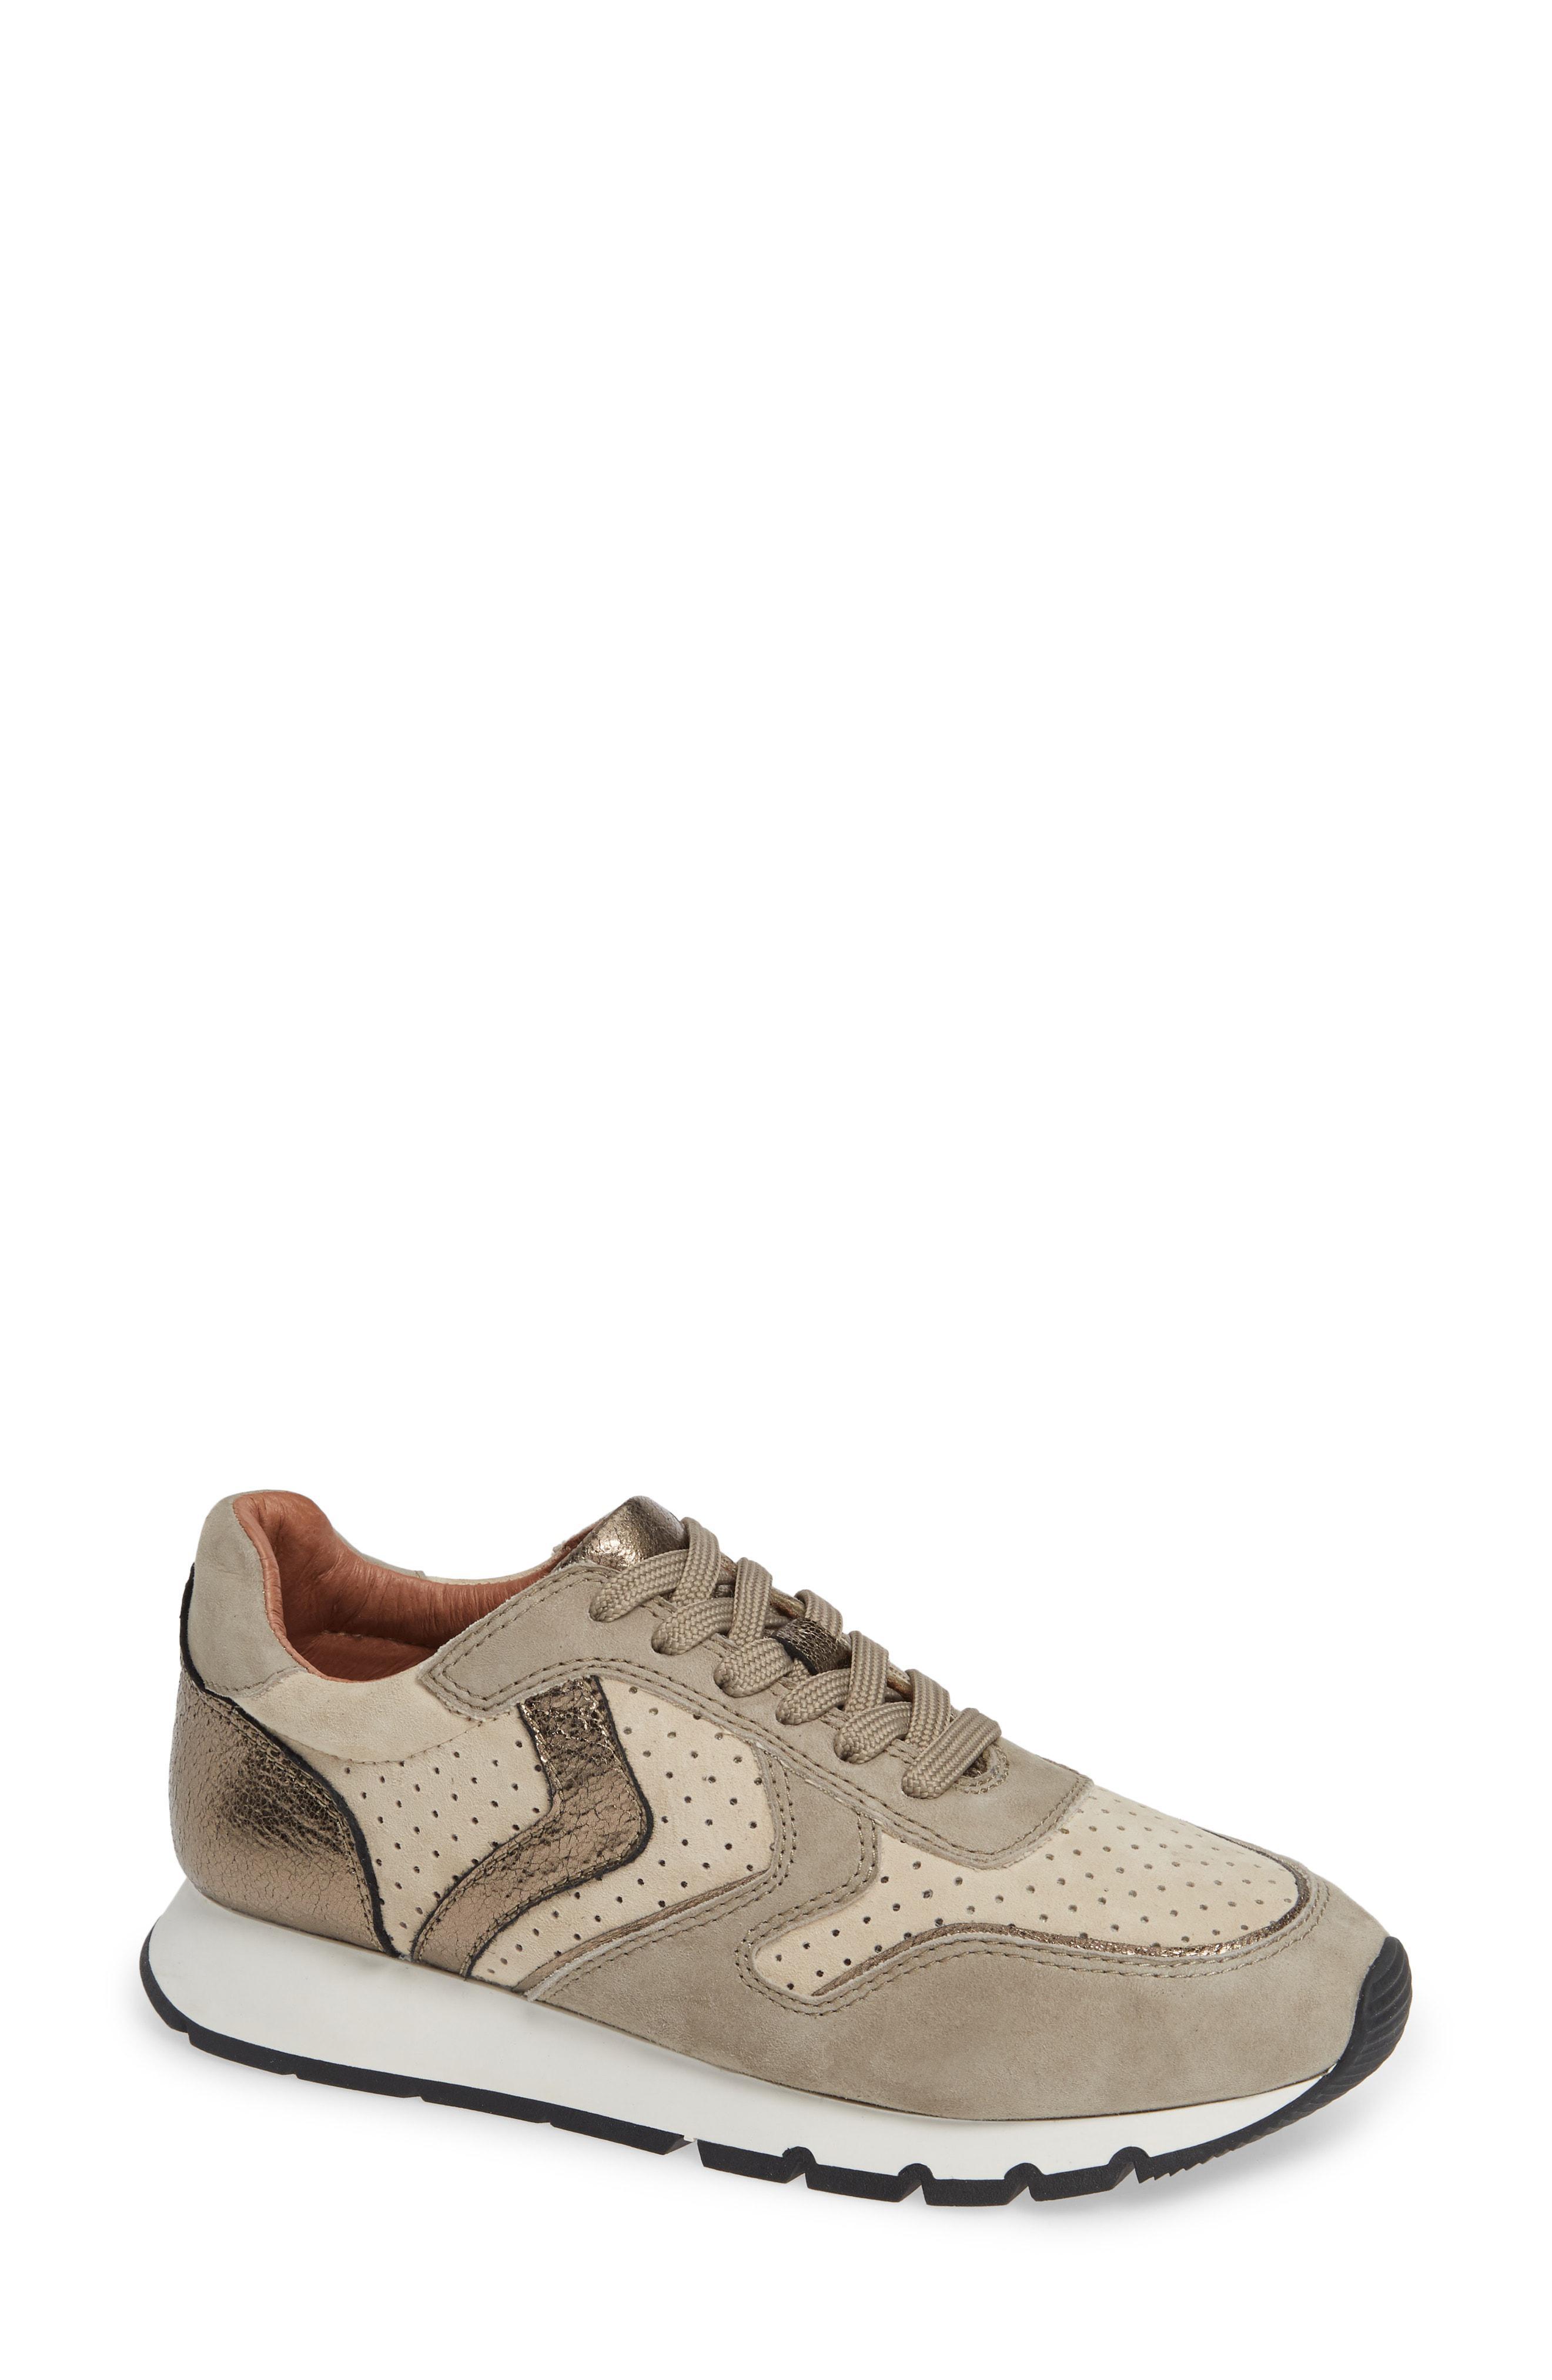 86b5fd6385d Lyst - Caslon Caslon Tripp Sneaker in Brown